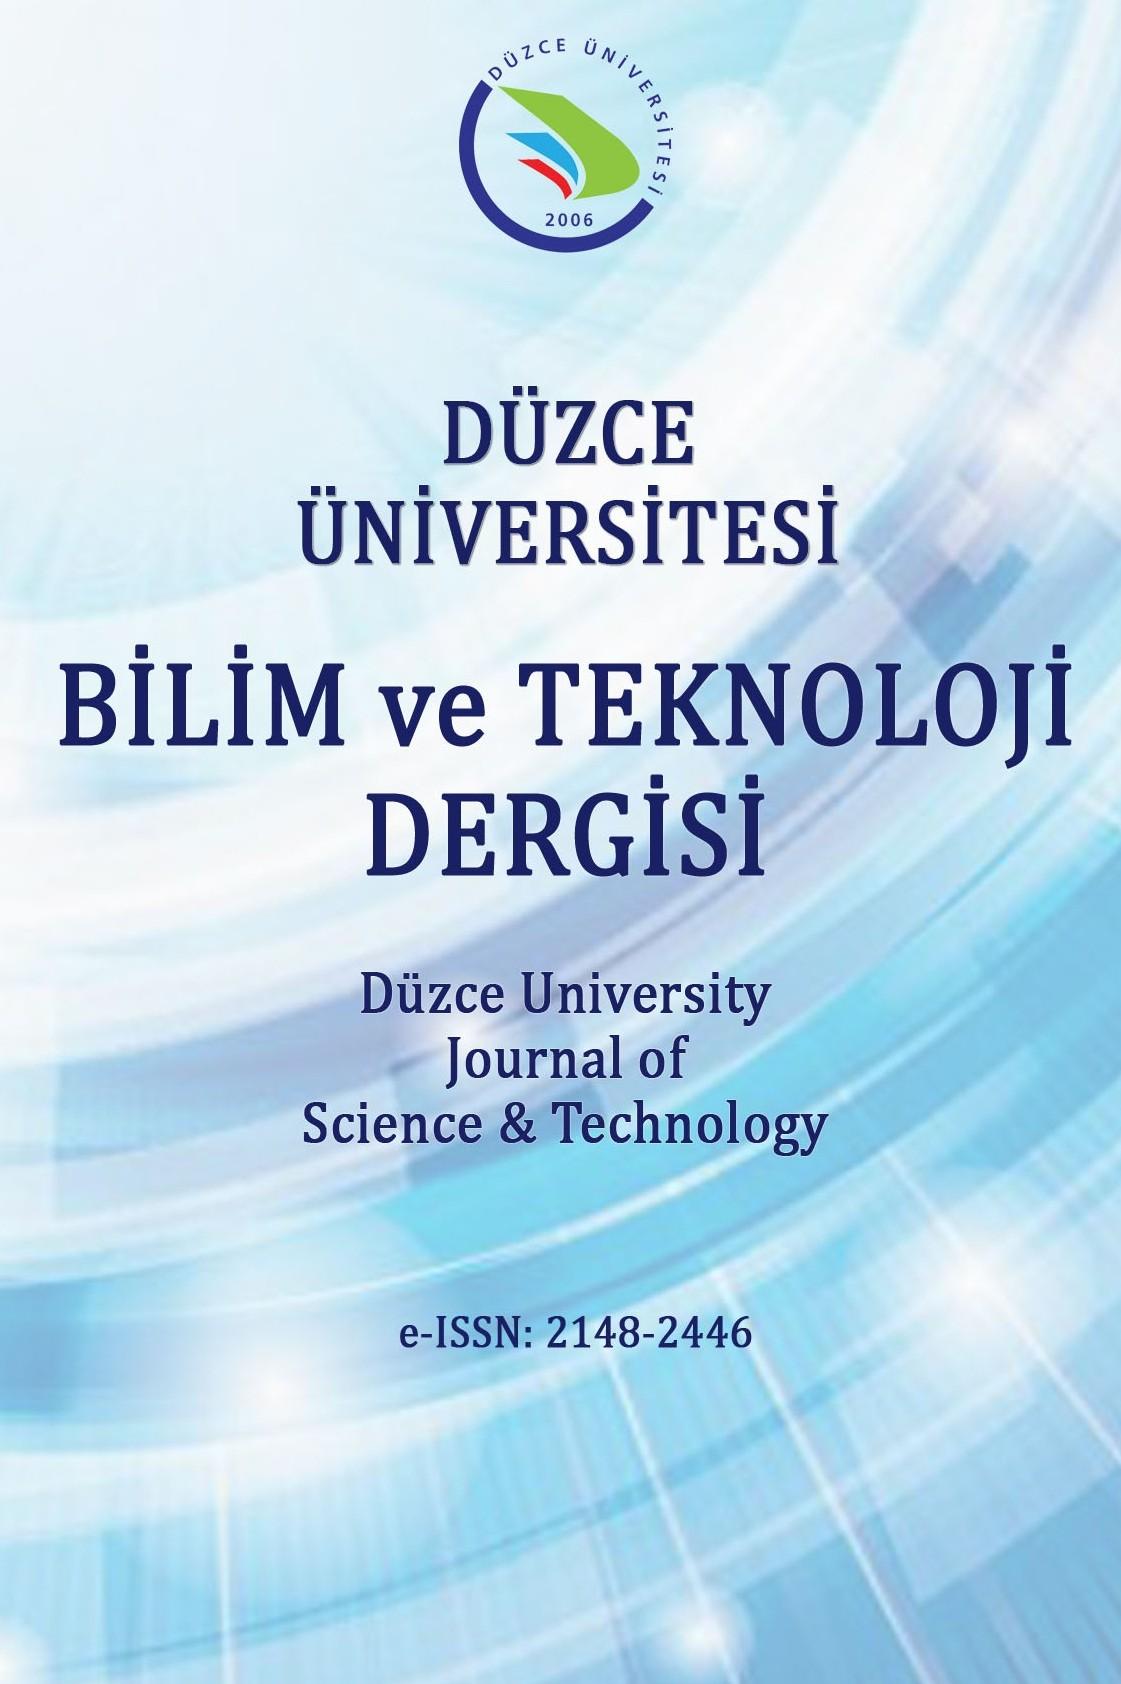 Düzce Üniversitesi Bilim ve Teknoloji Dergisi